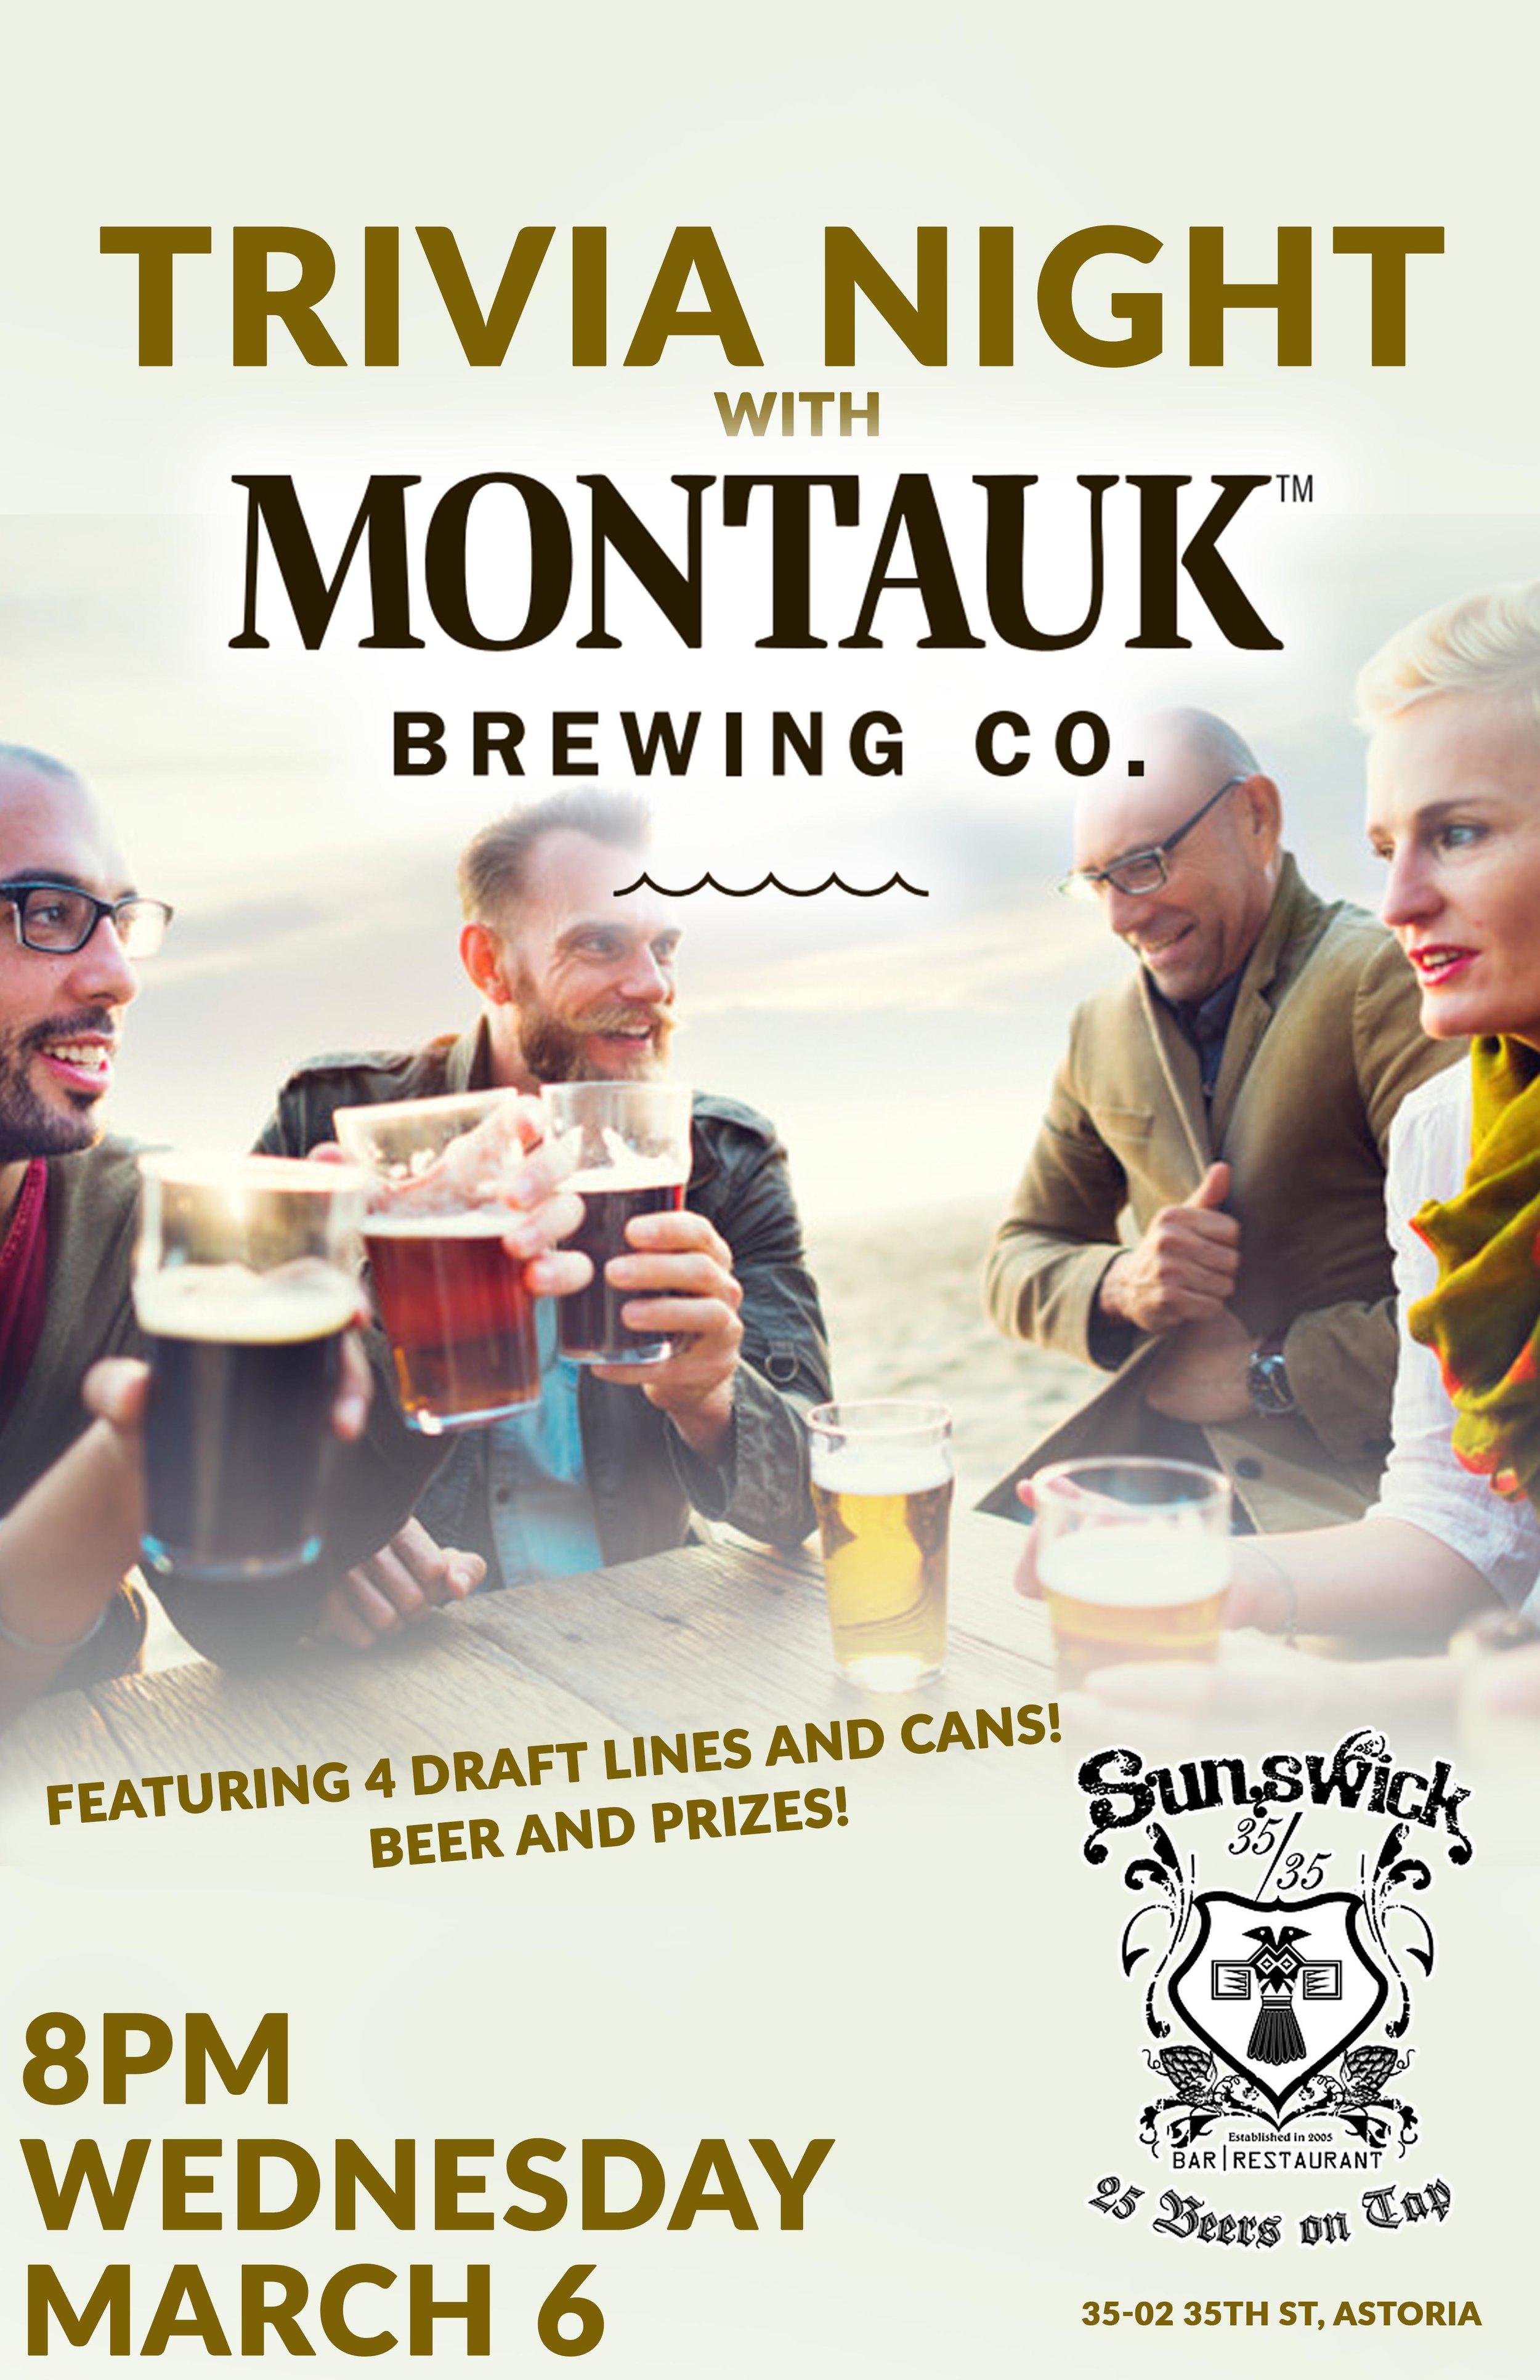 Trivia Night at Sunswick — S K I  Beer